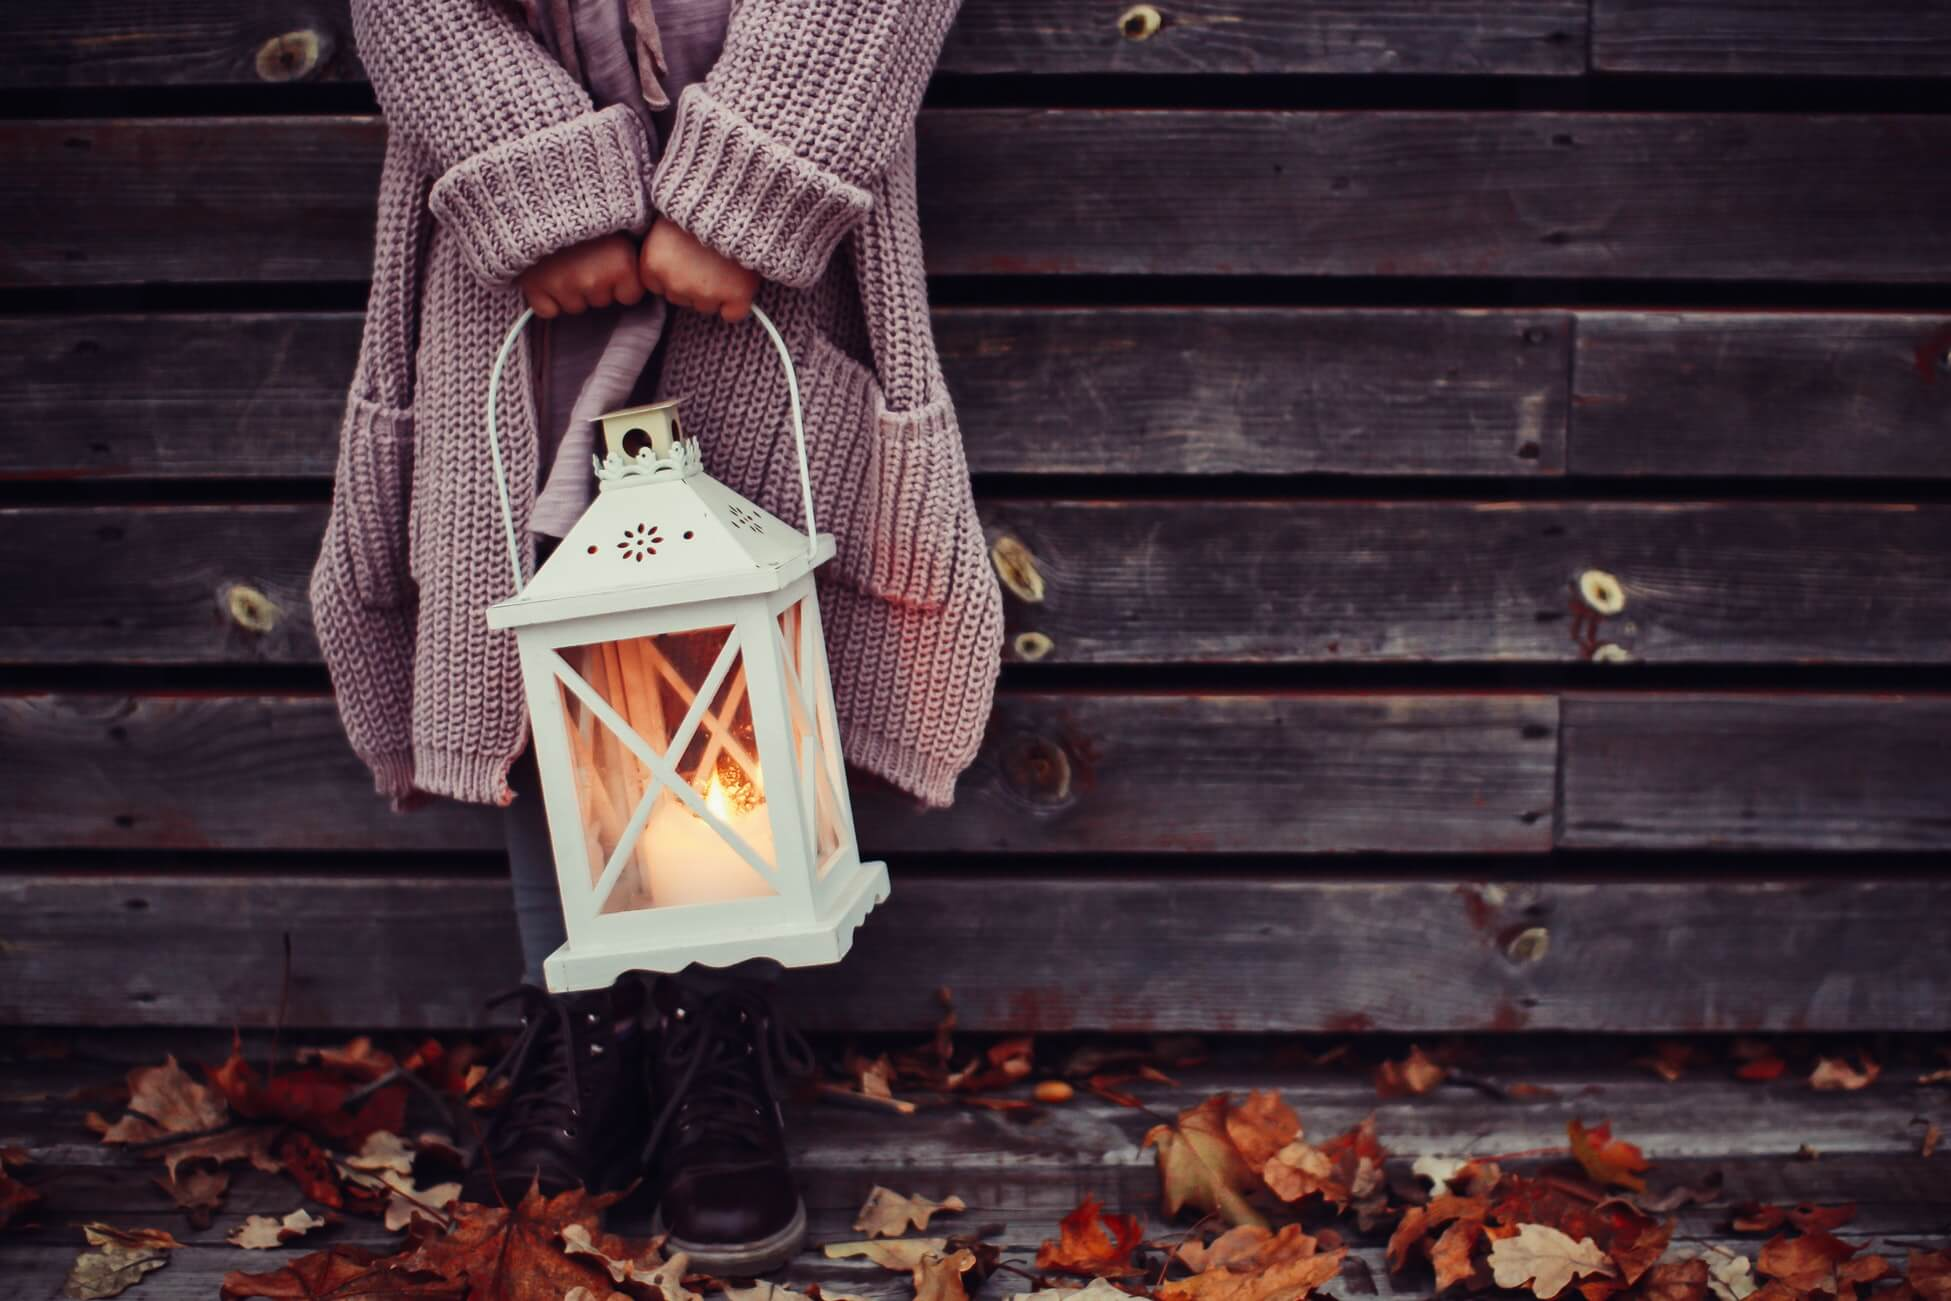 nő lámpással a kezében